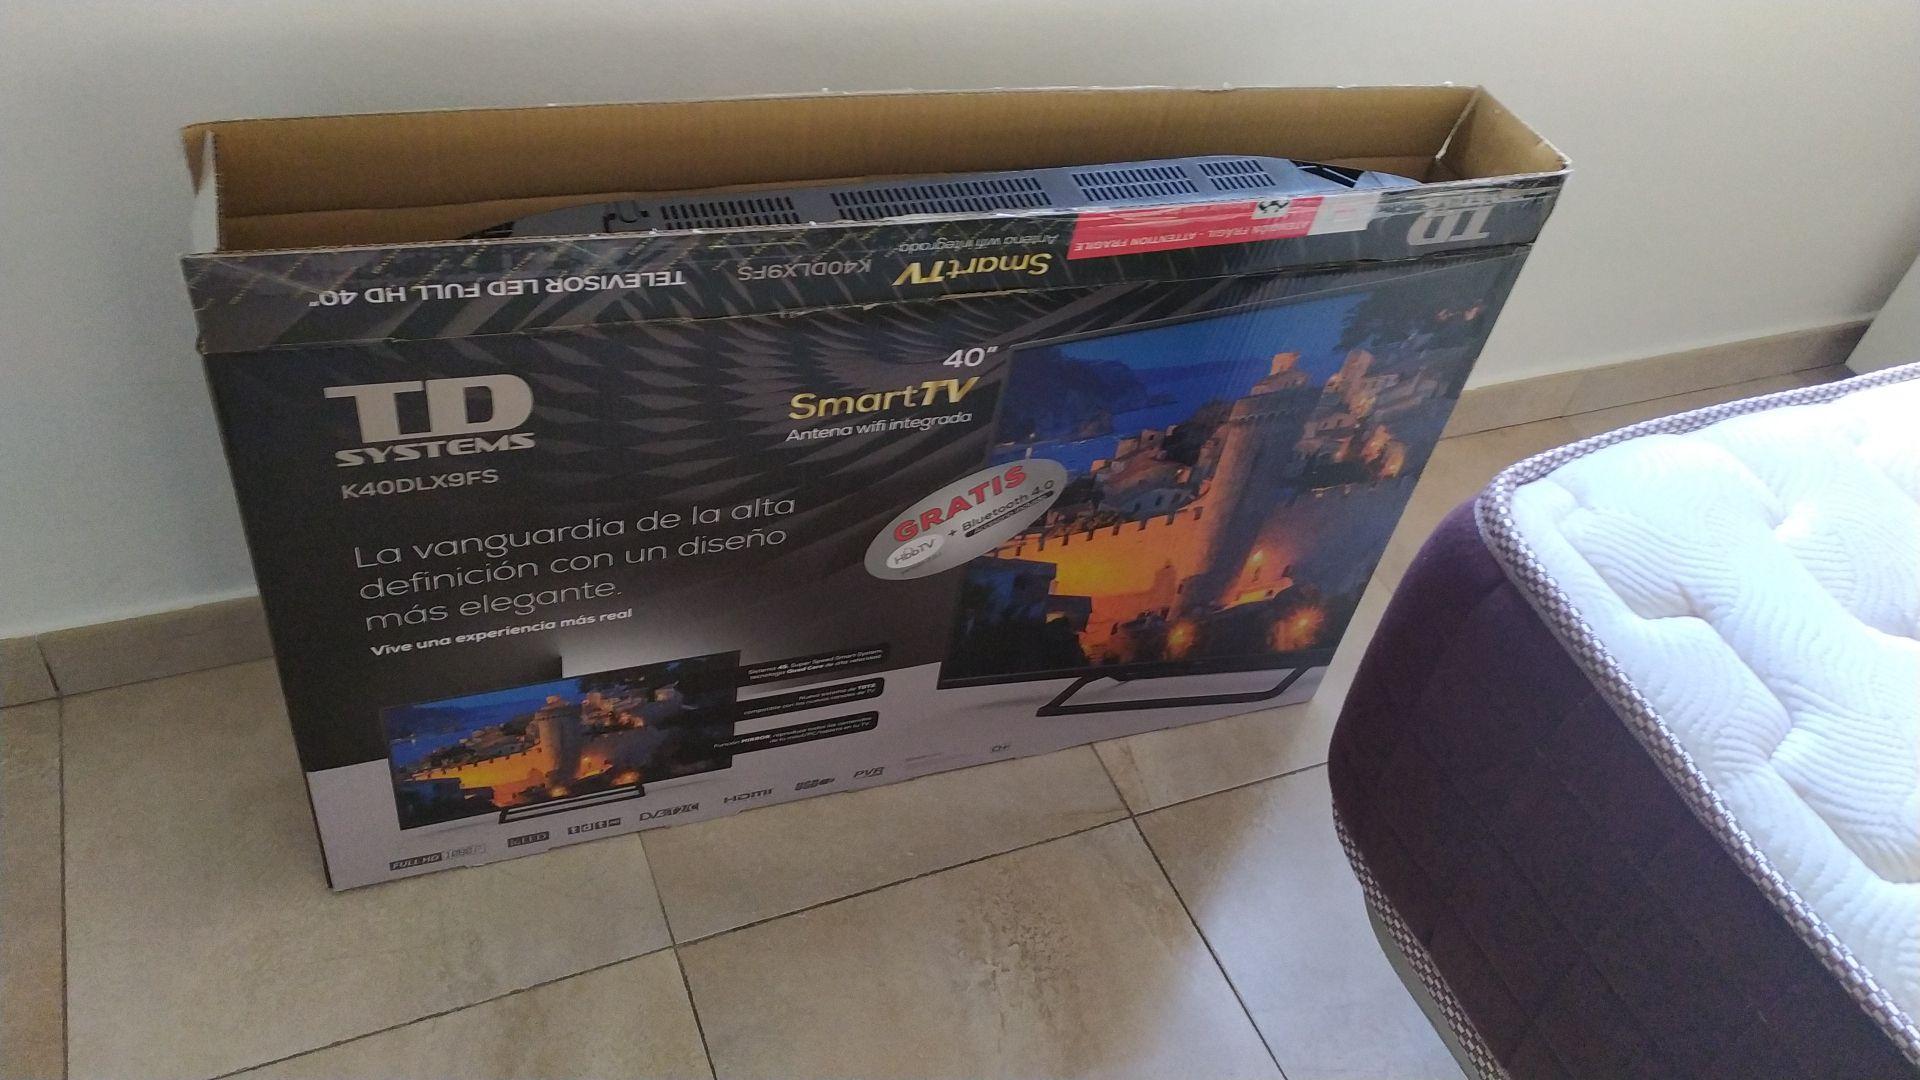 Televisión td system 40 pulgadas led full HD